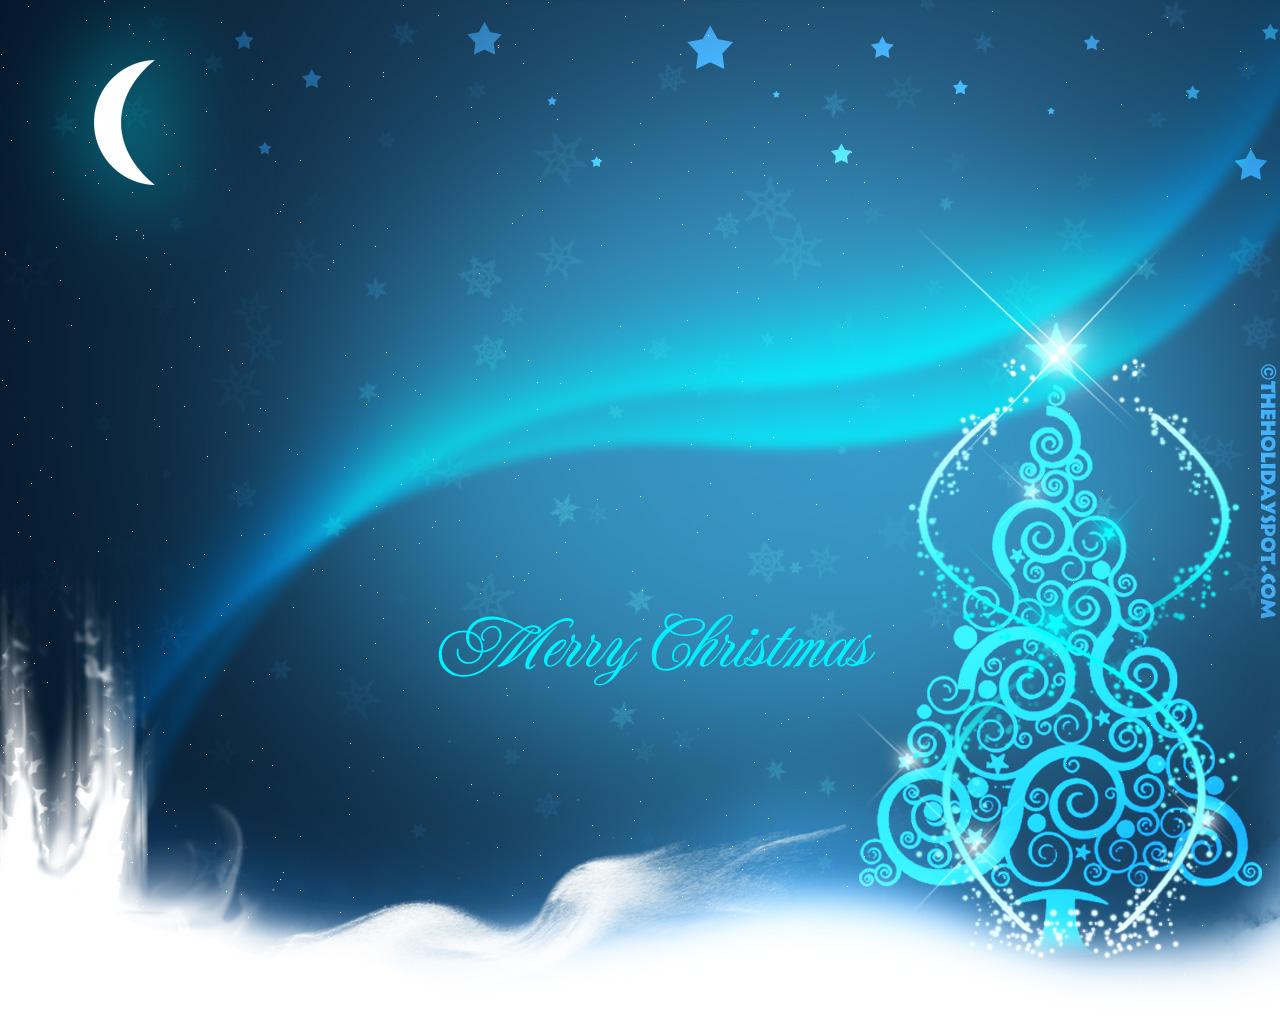 1280x1024 Christmas Wallpapers - Christmas wallpaper